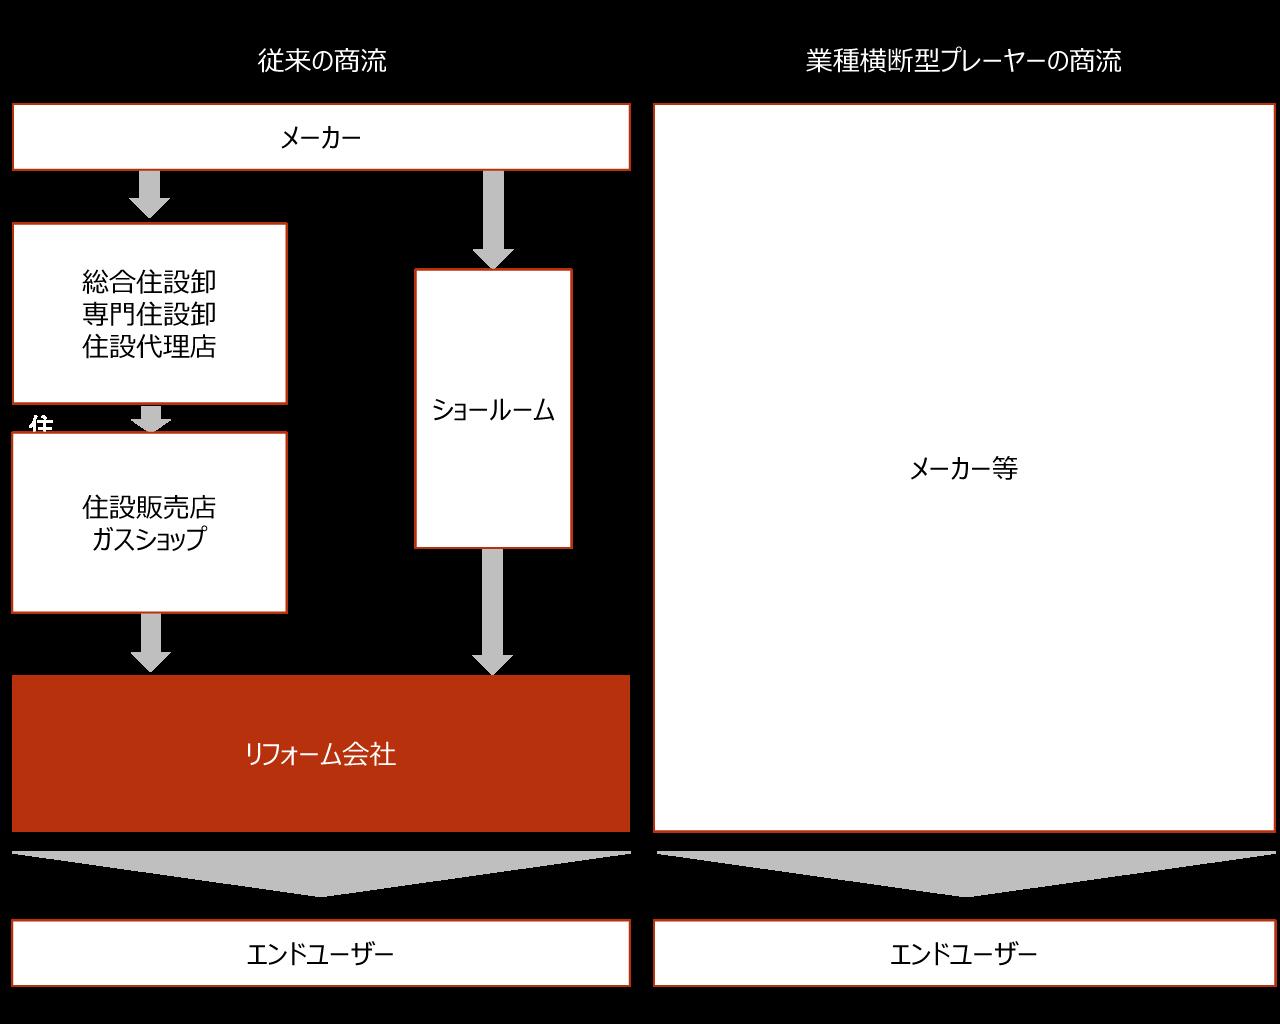 【商流の変化】